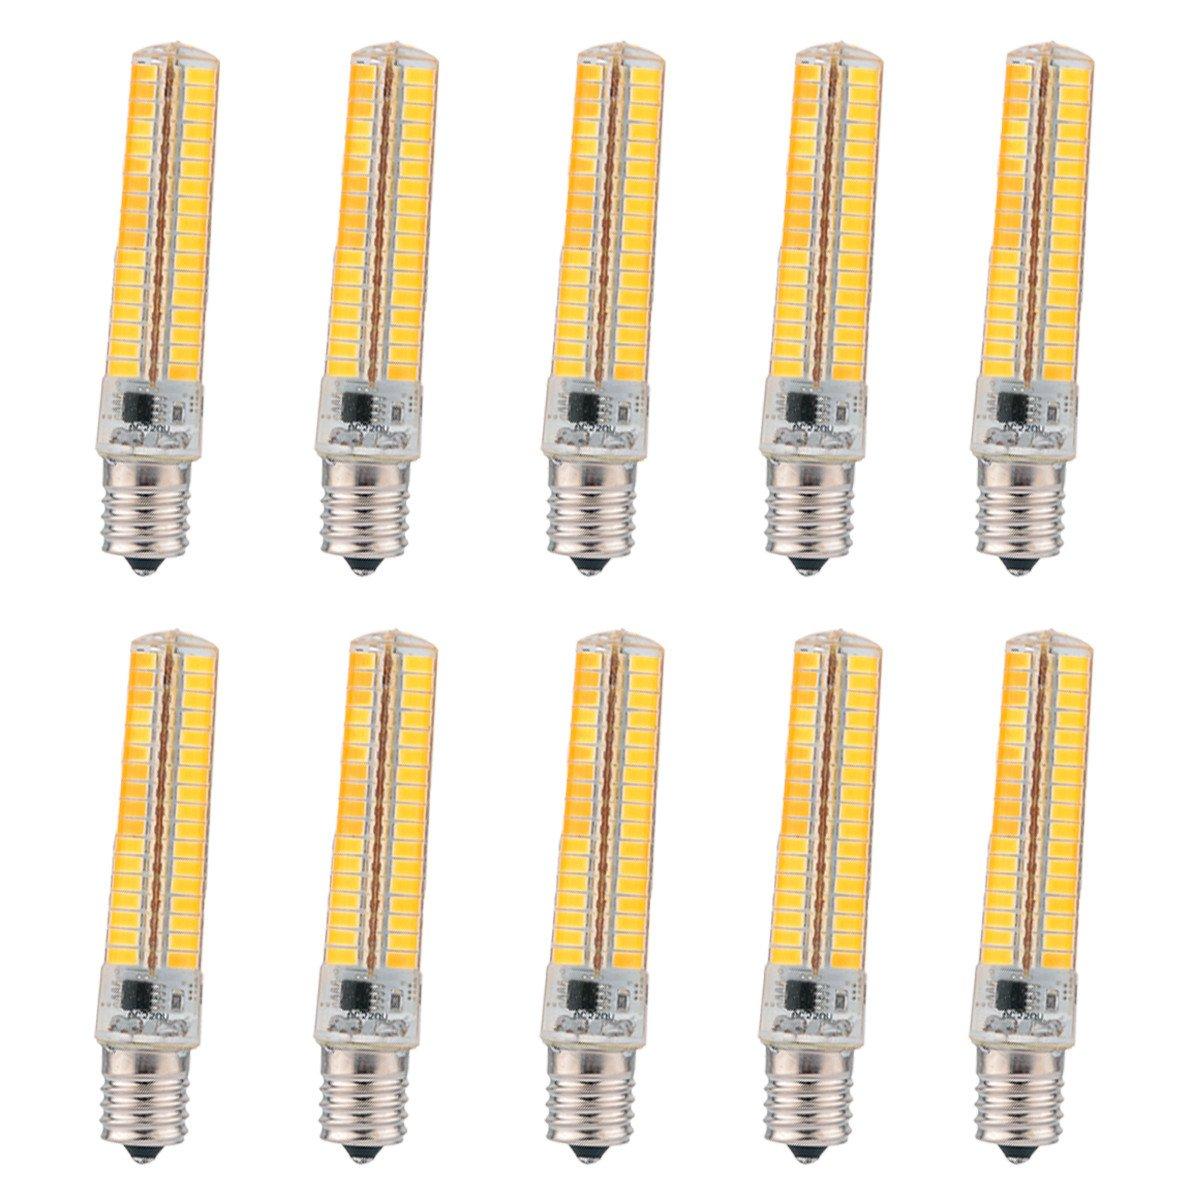 GHC LED Bi-pin Lights, E27/E26 12W 24LED AC 220-240V 5730SMD 1000-1100 LM Warm White Cool White UFO Lamp (Color : 110V-Cold White)